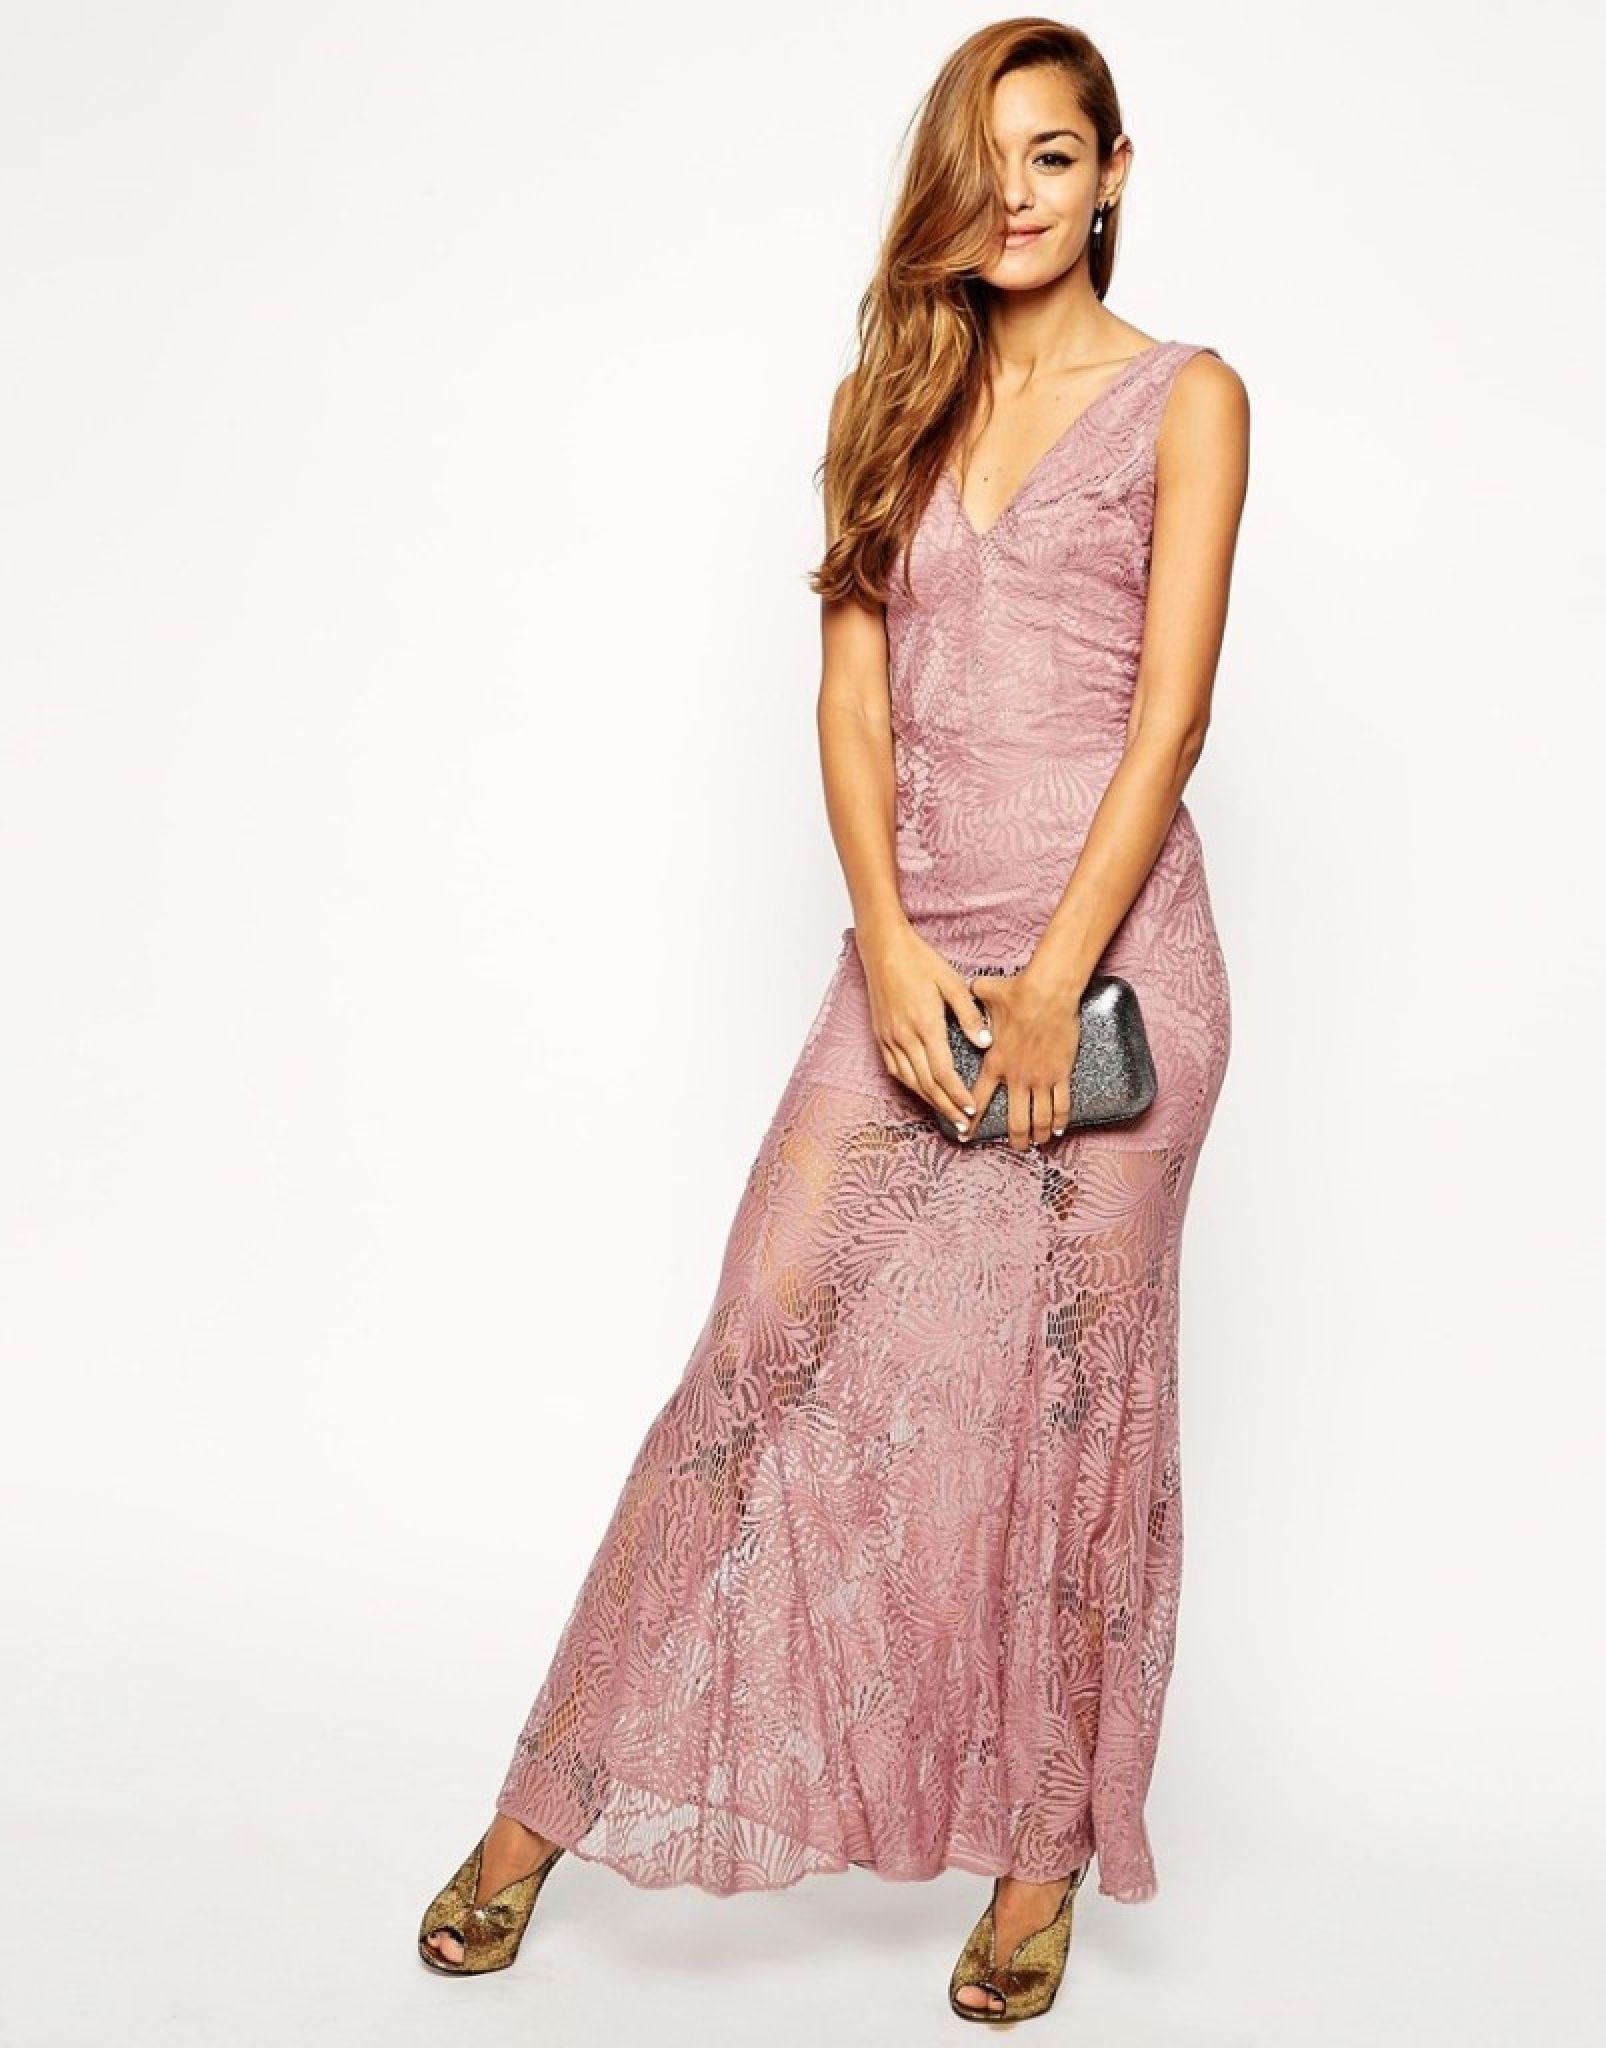 Elegant dresses for wedding guests cold shoulder dresses for